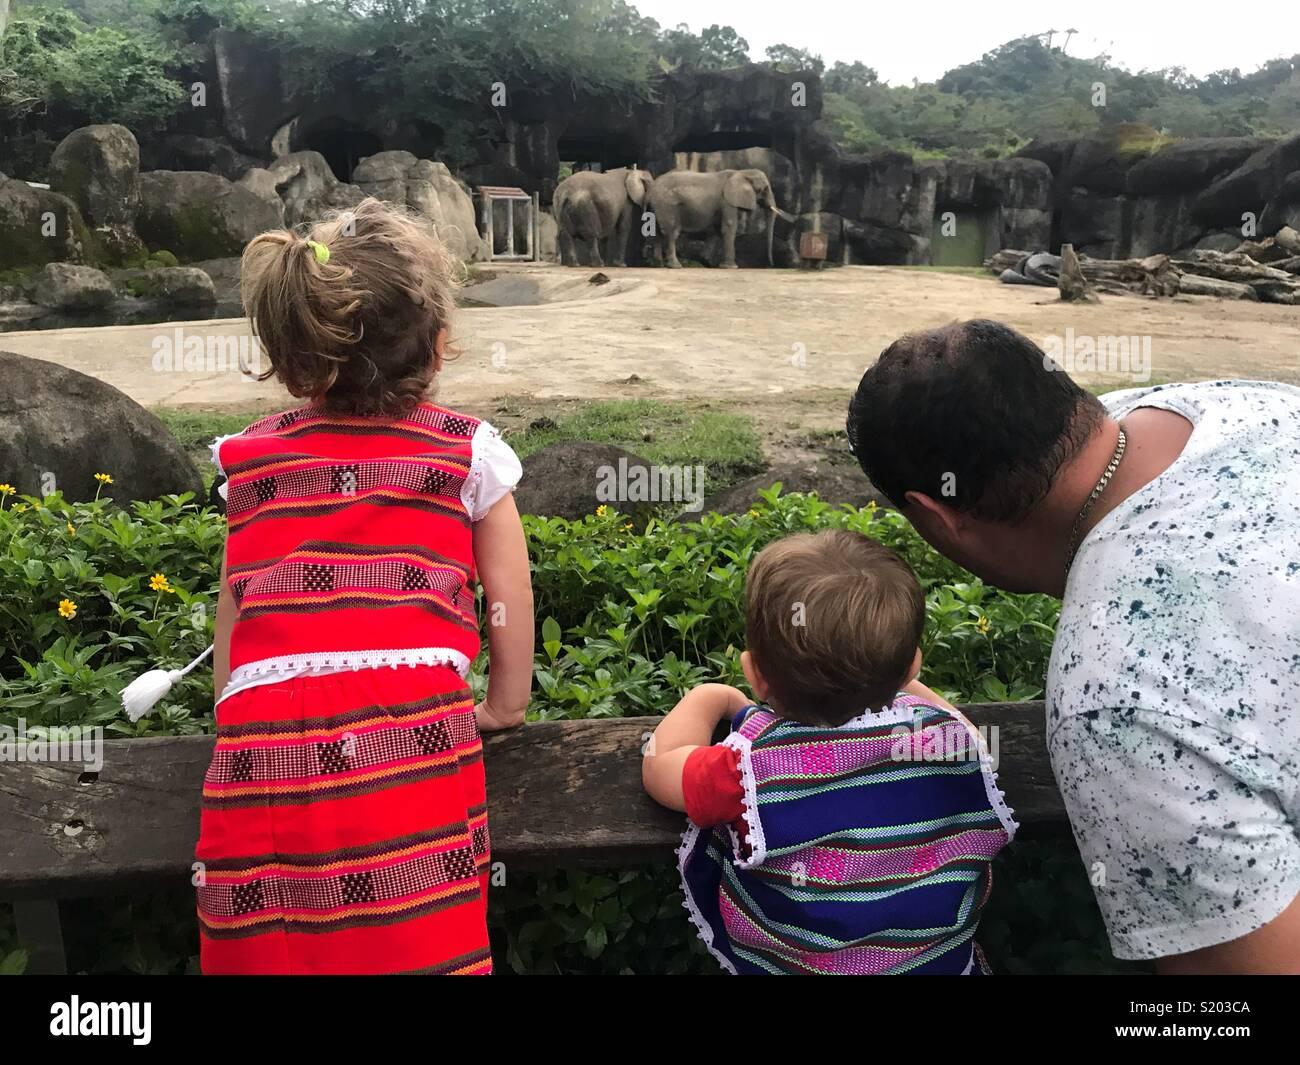 Family in zoo Taipei zoo Taiwan - Stock Image